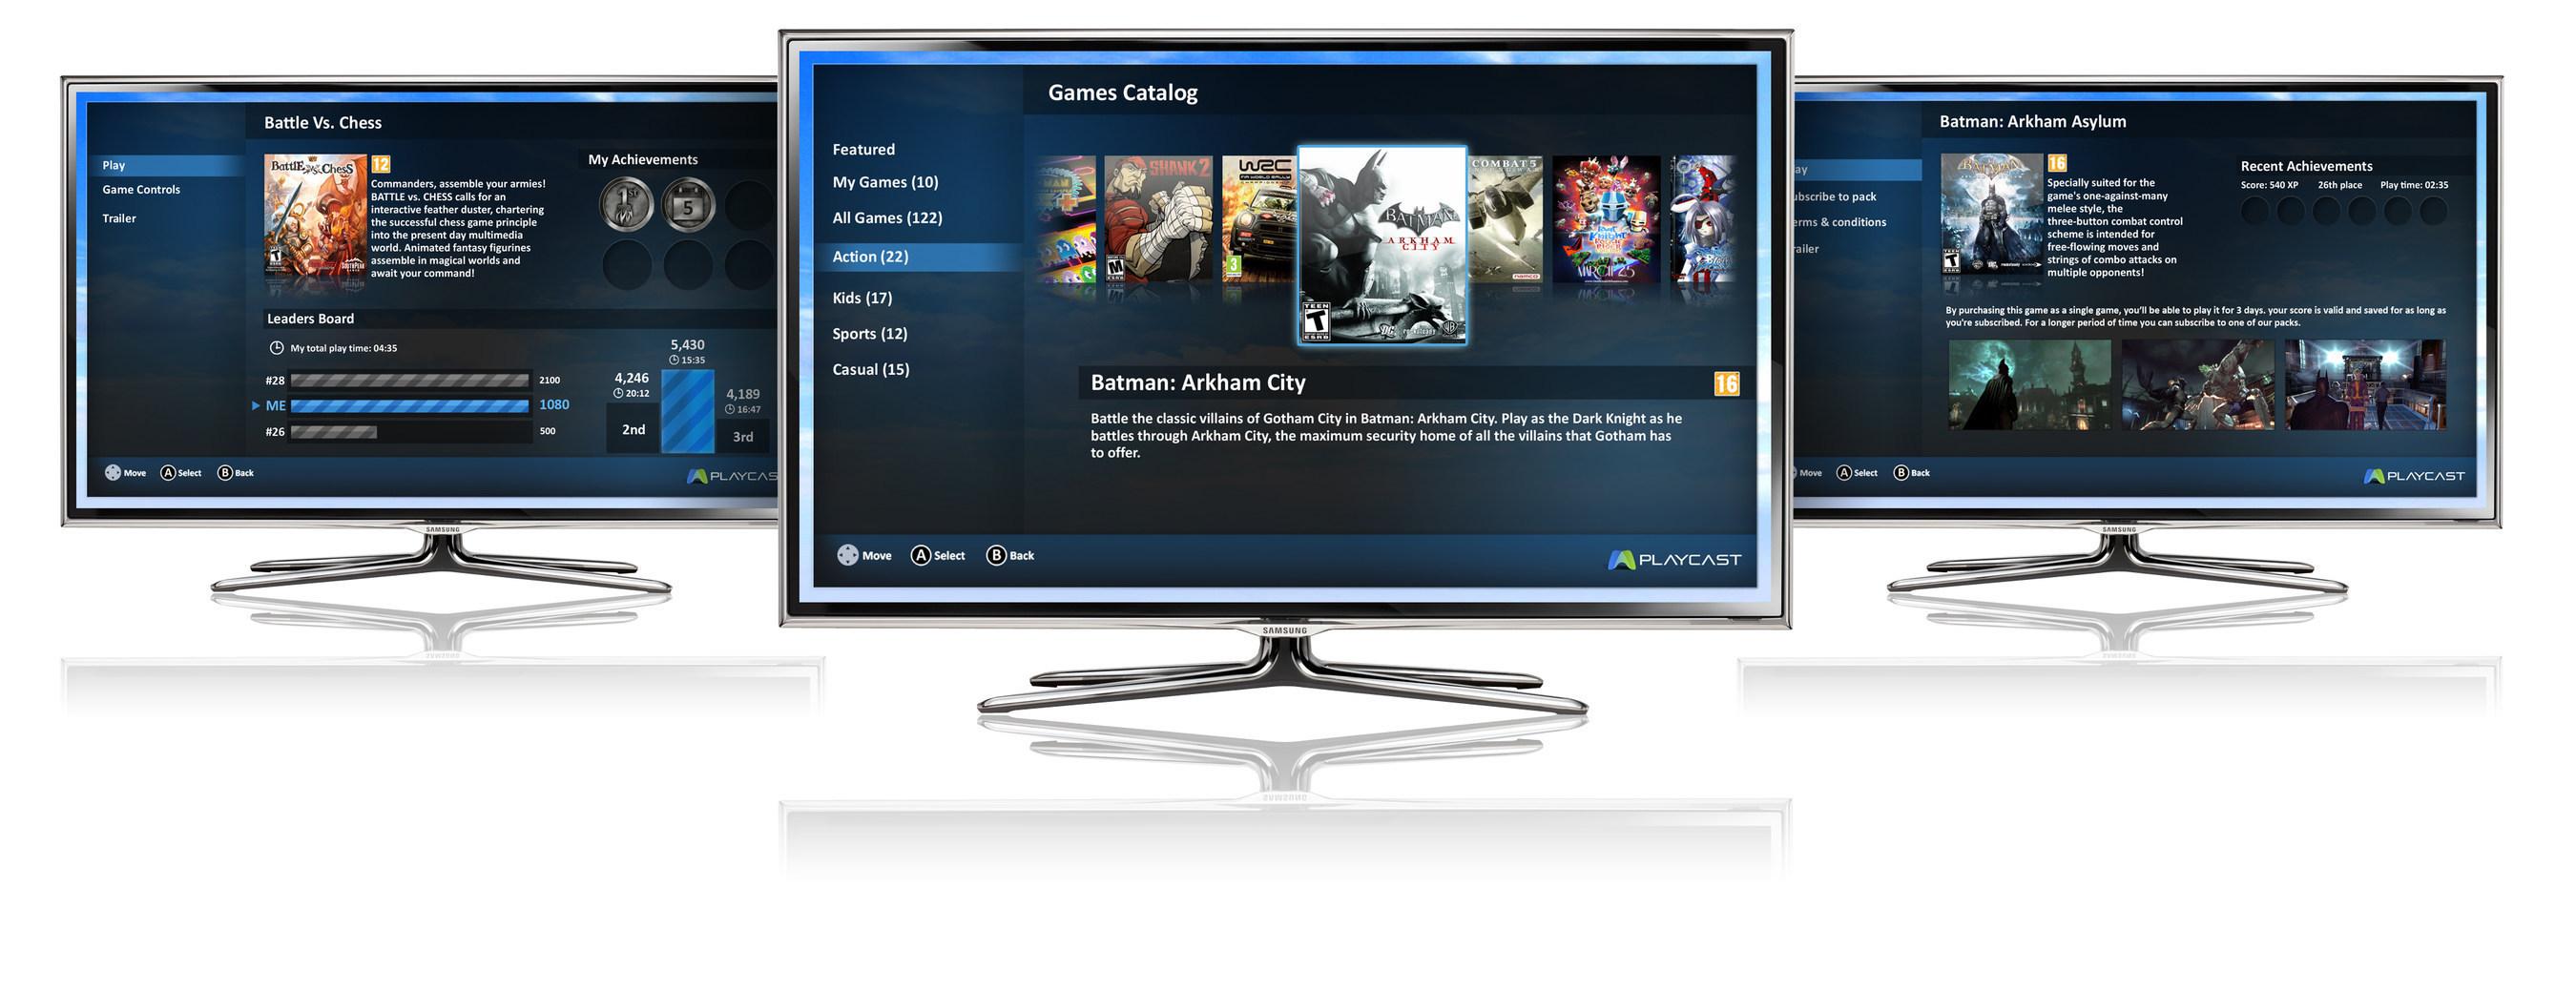 Playcast Cloud Gaming-Service wird Streaming auf Samsung Smart TVs anbieten